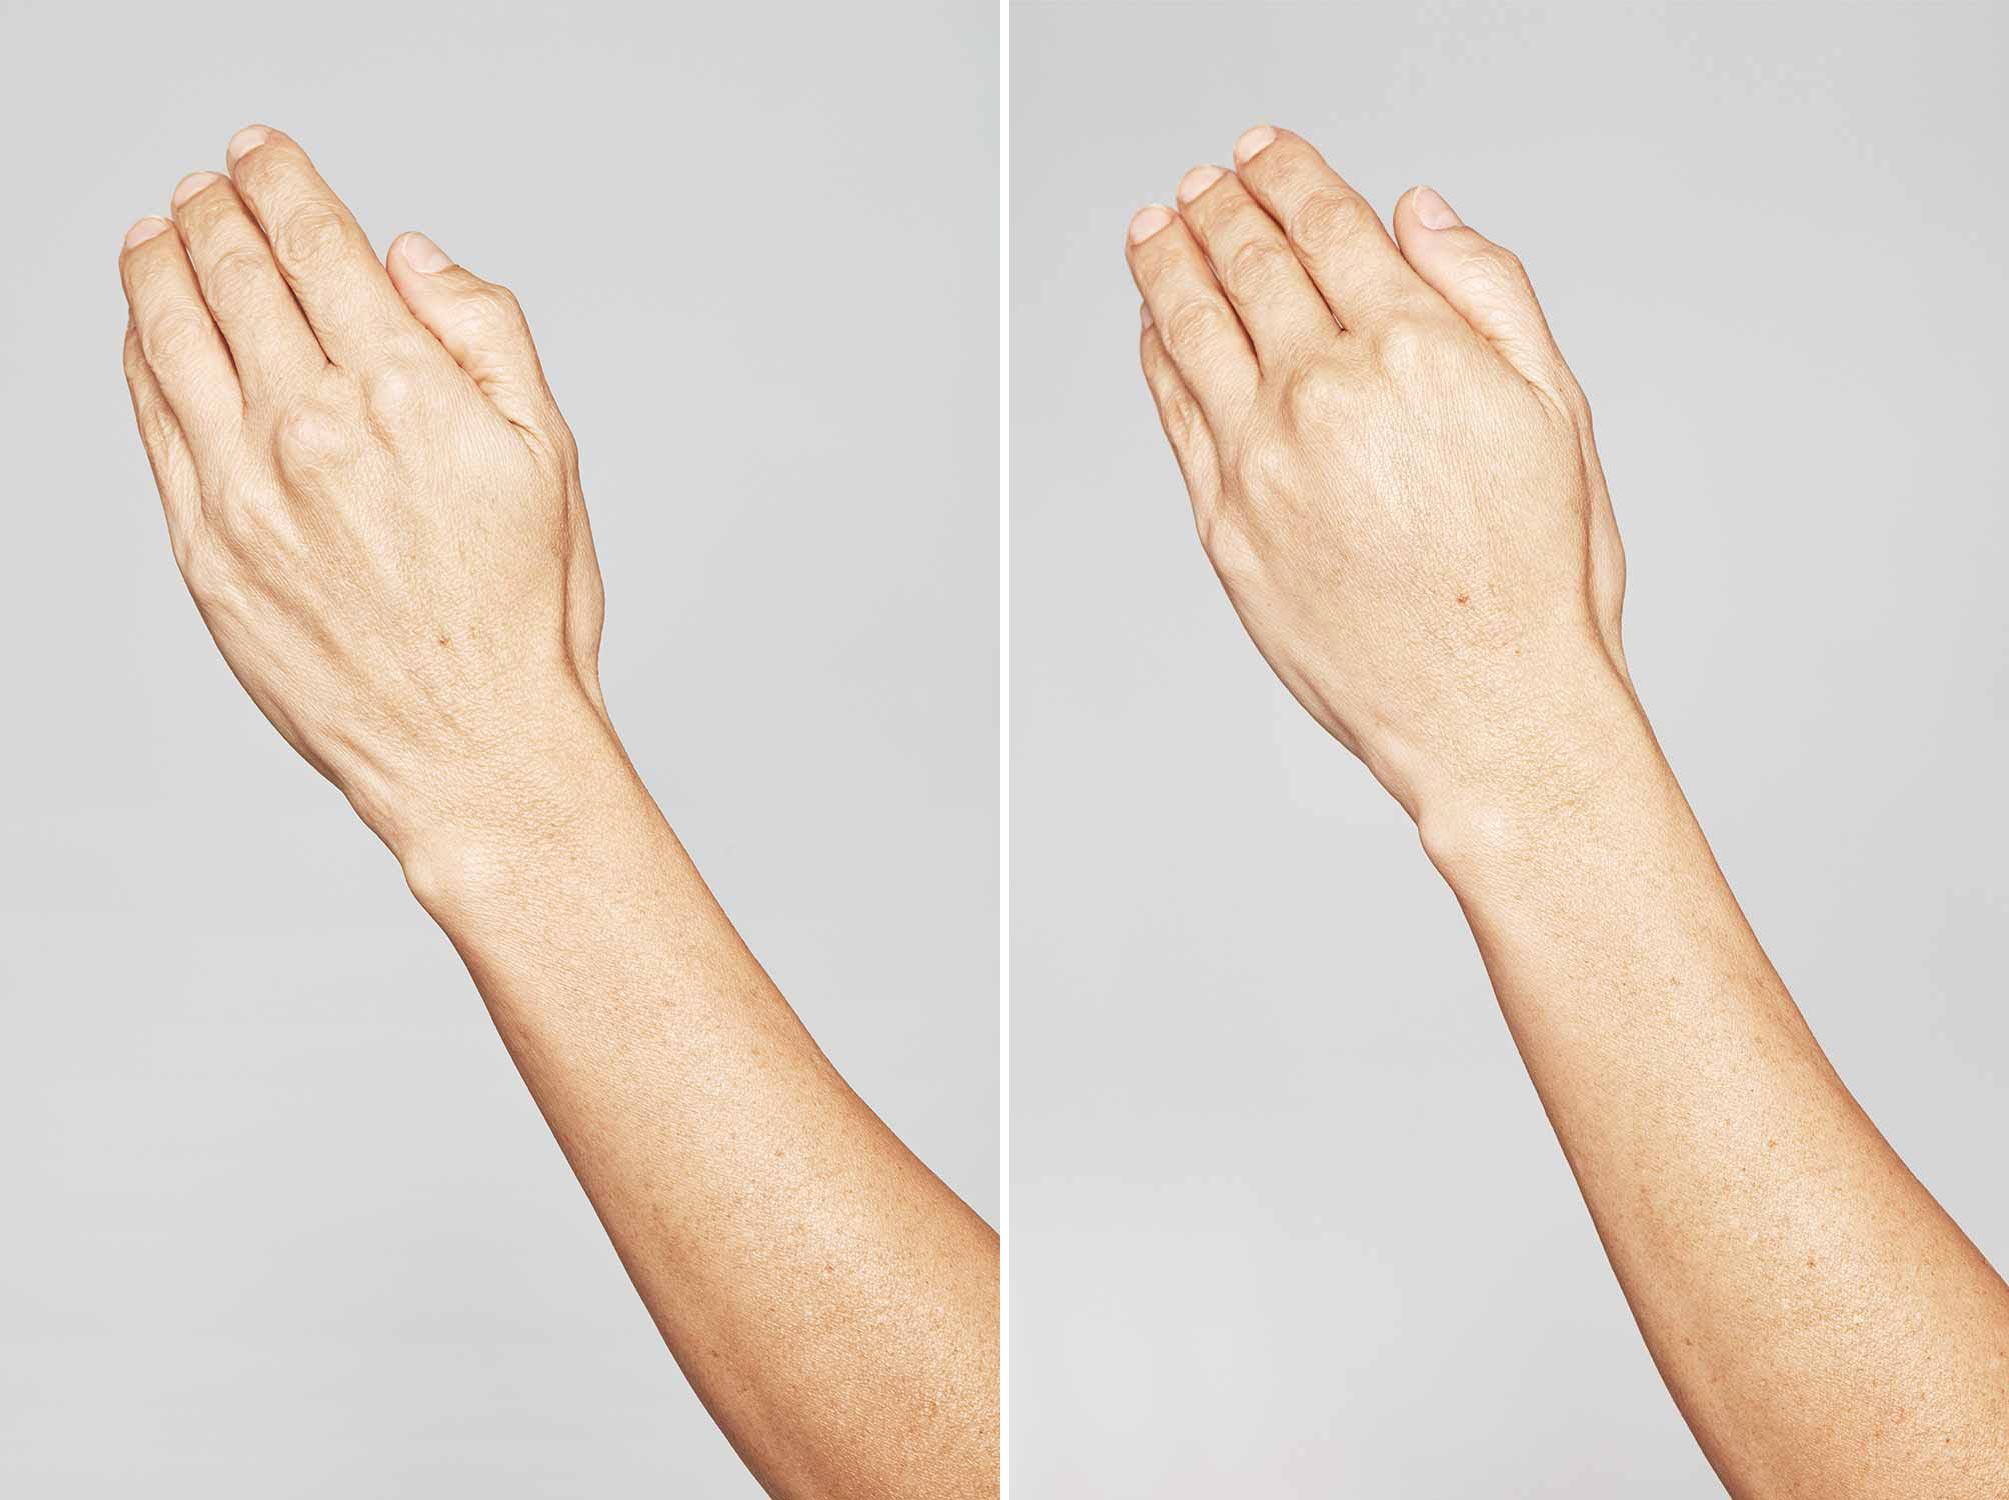 Mooie handen dankzij fillers